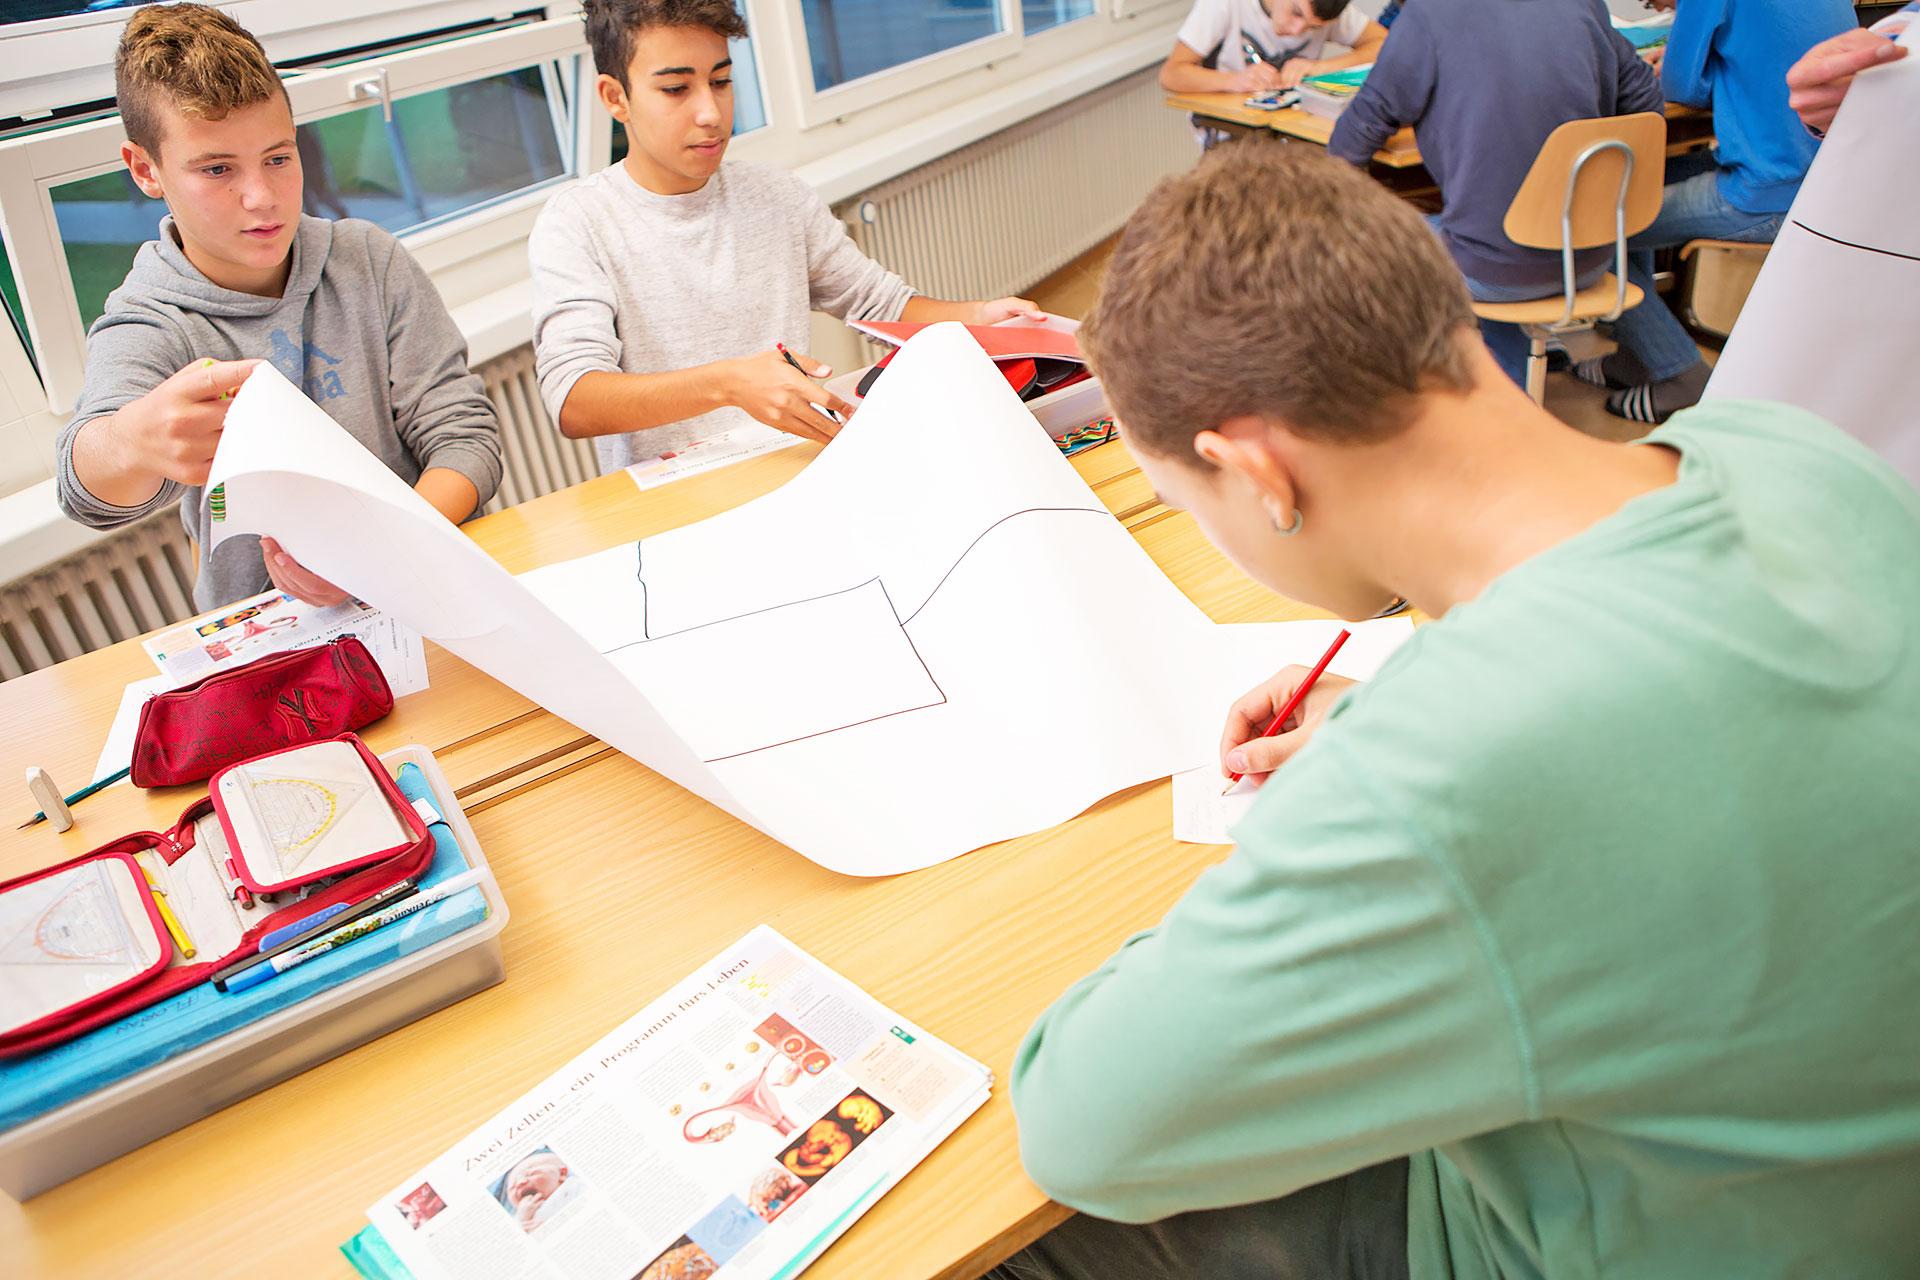 drei Schüler arbeiten an einem Placemat